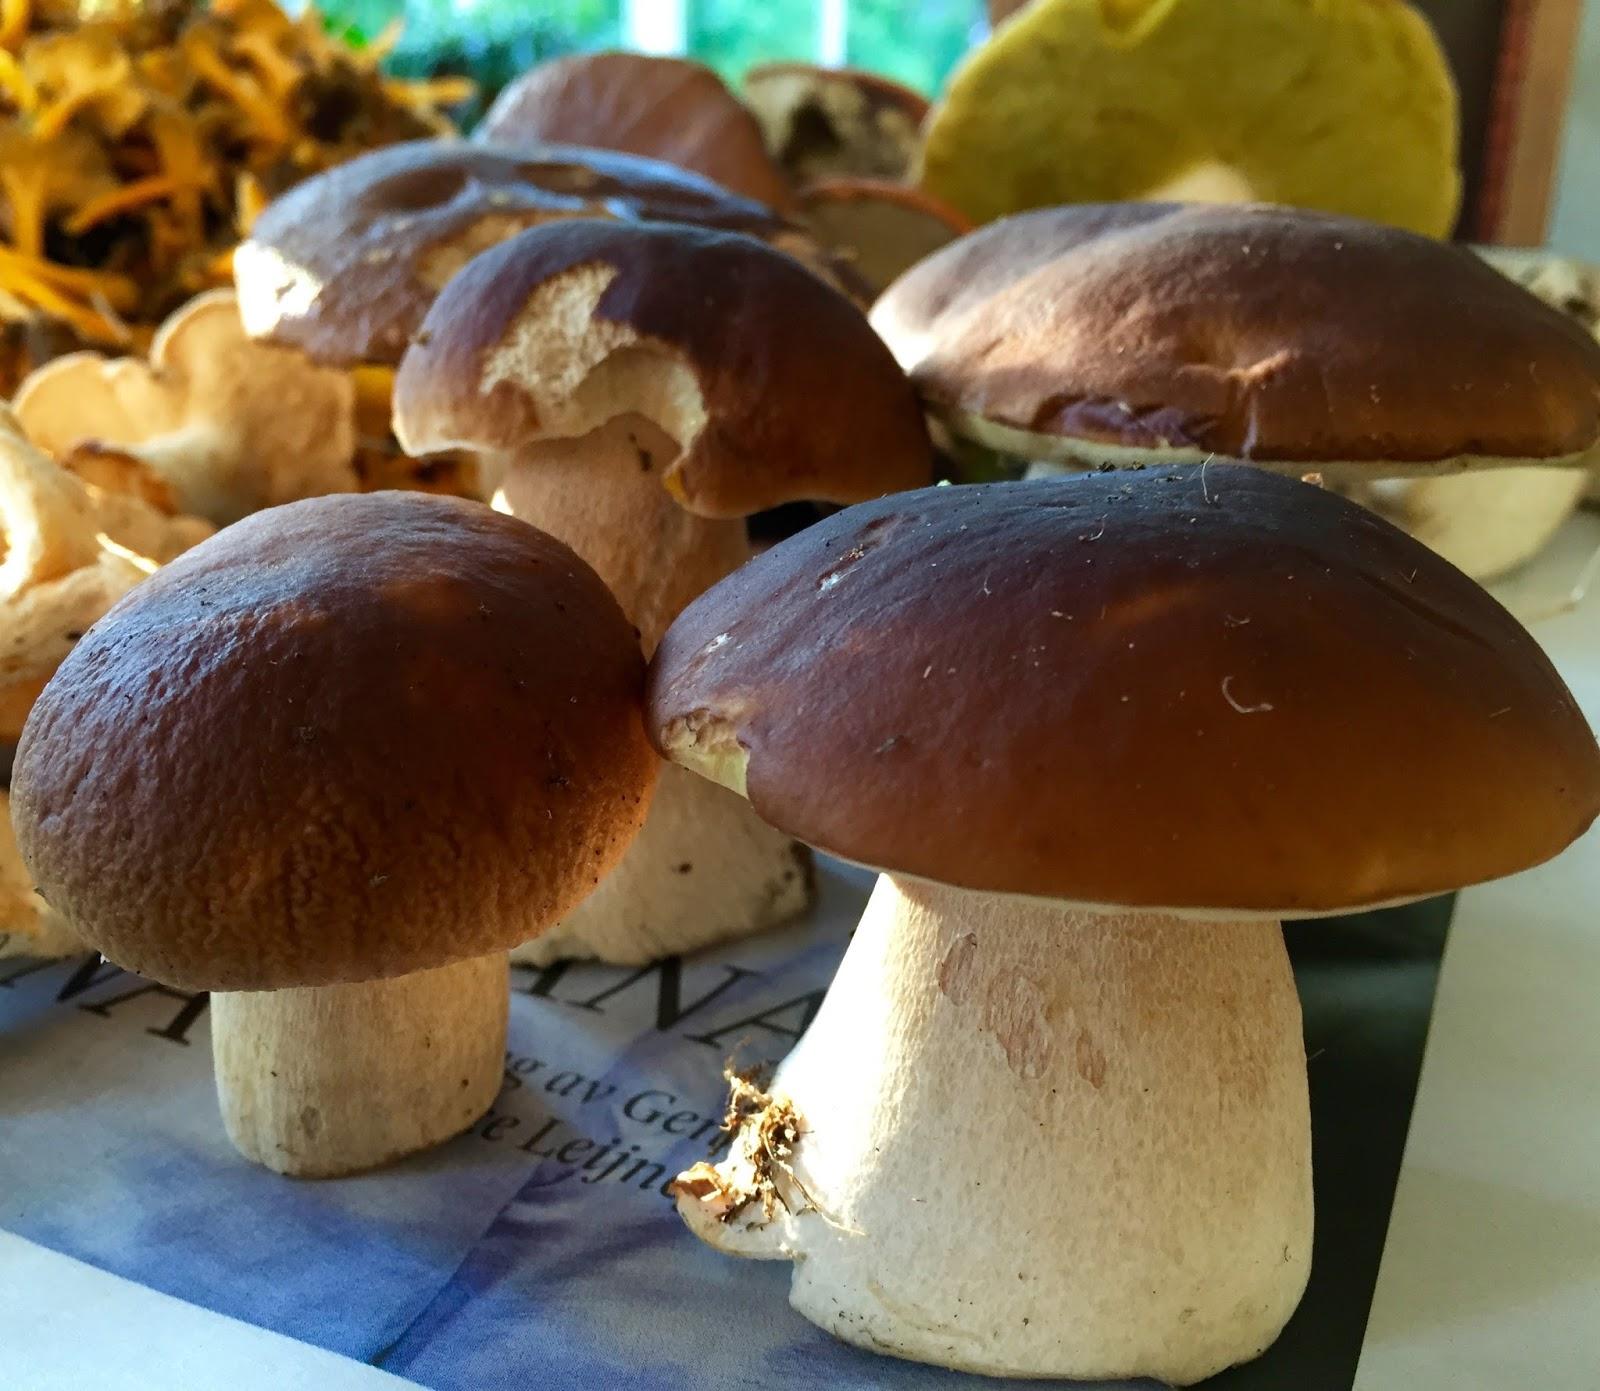 Fagerdala trädgård: Efter regn kommer - svamp!